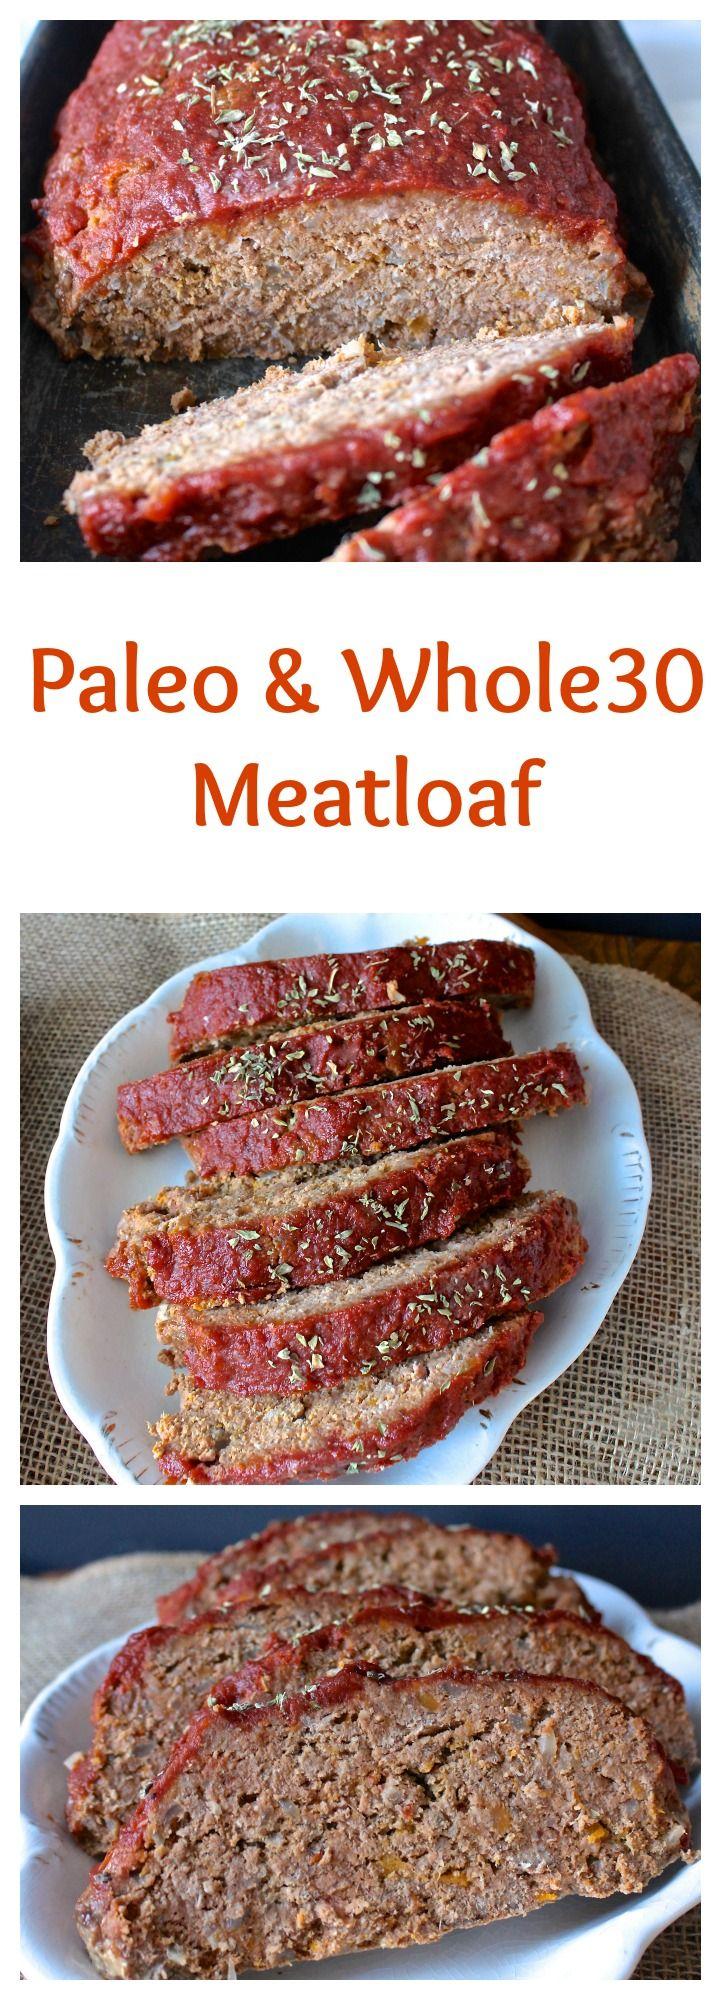 Paleo Meatloaf Recipe Paleo Recipes Paleo Meatloaf Recipes